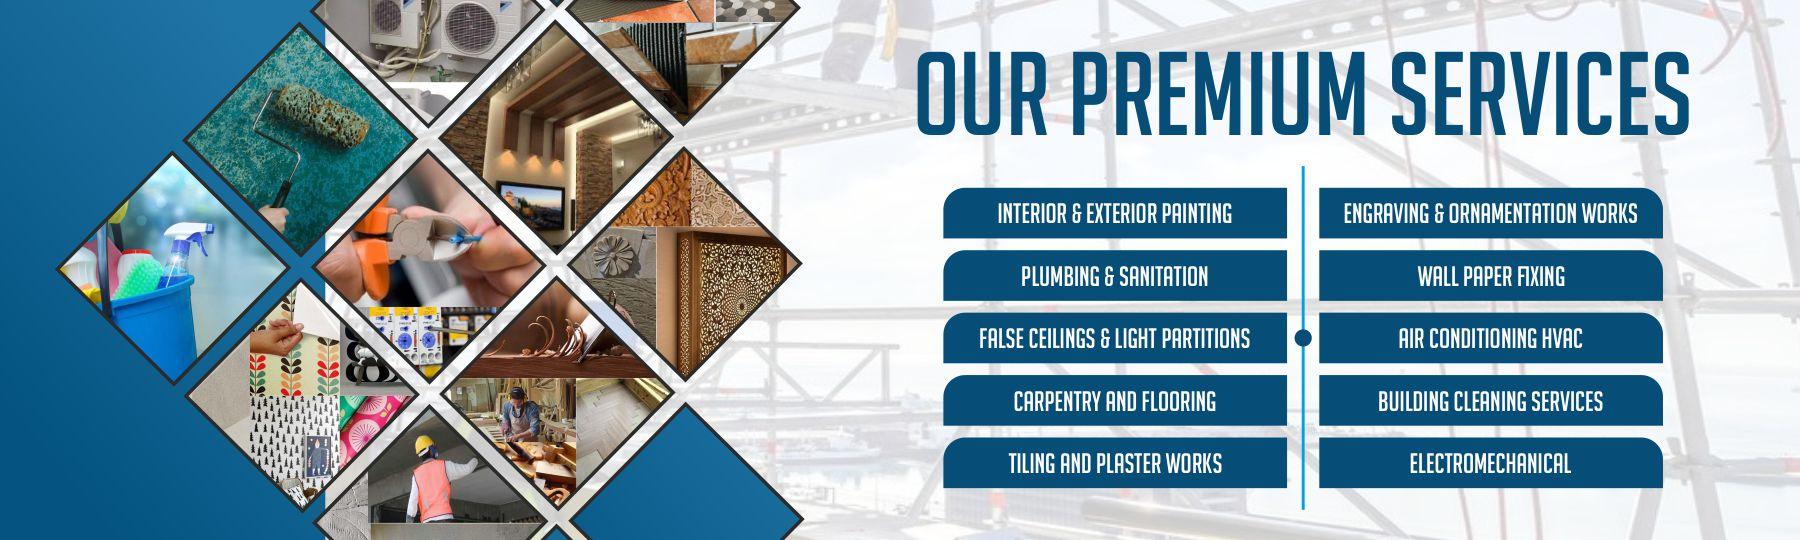 Our Premium Services